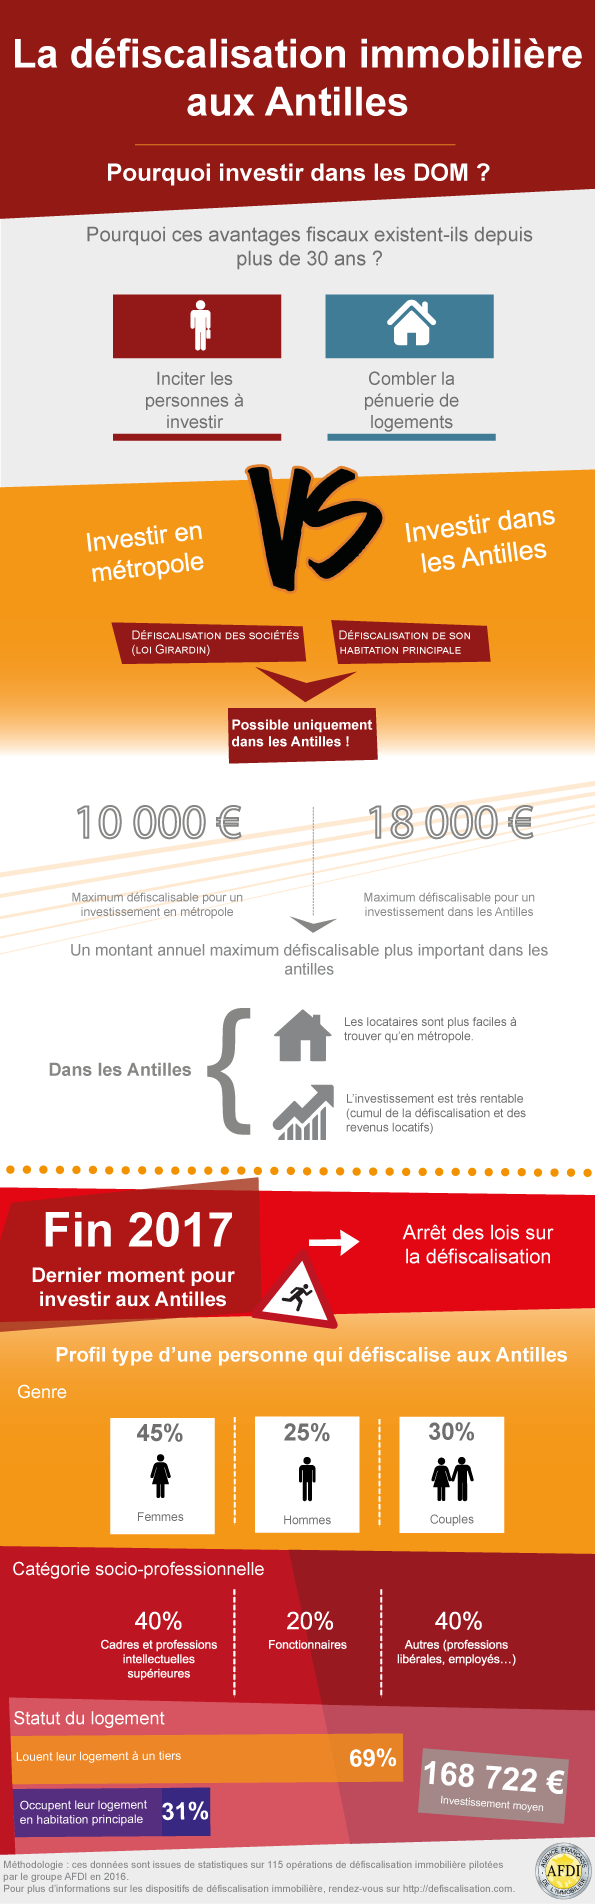 Les chiffres sur la défiscalisation en 2017